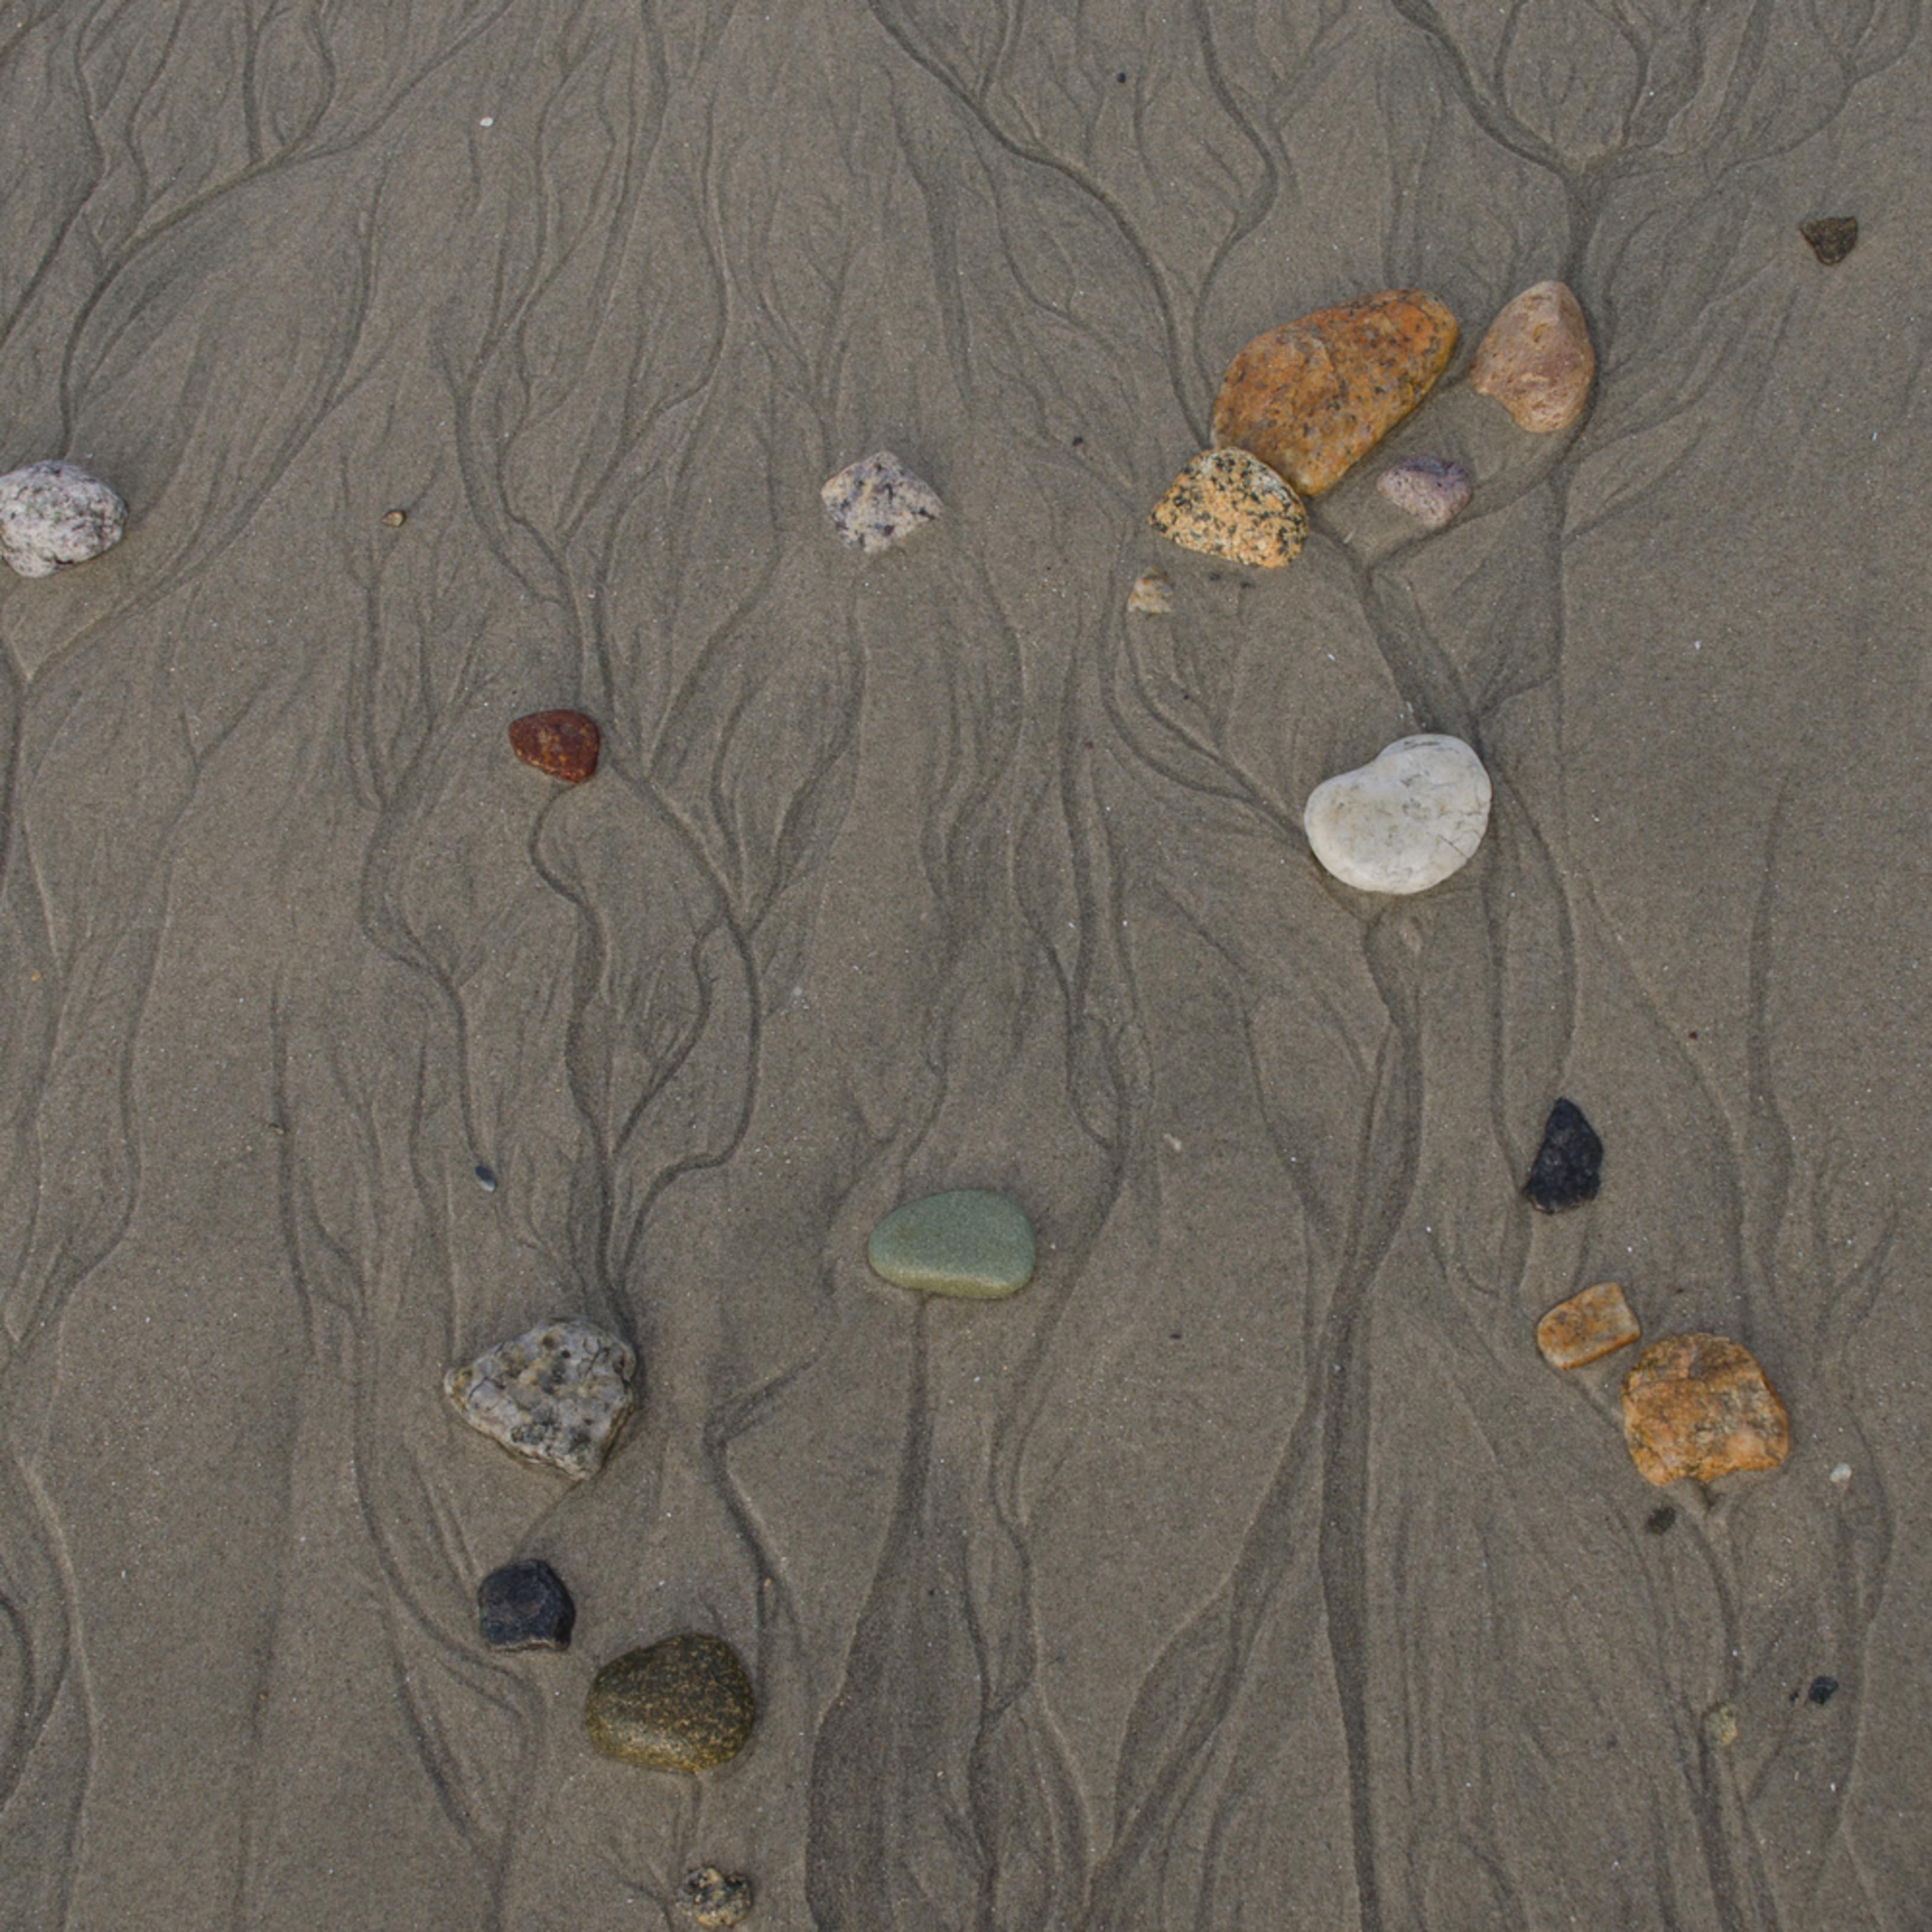 Sandpattern2 w3rykr